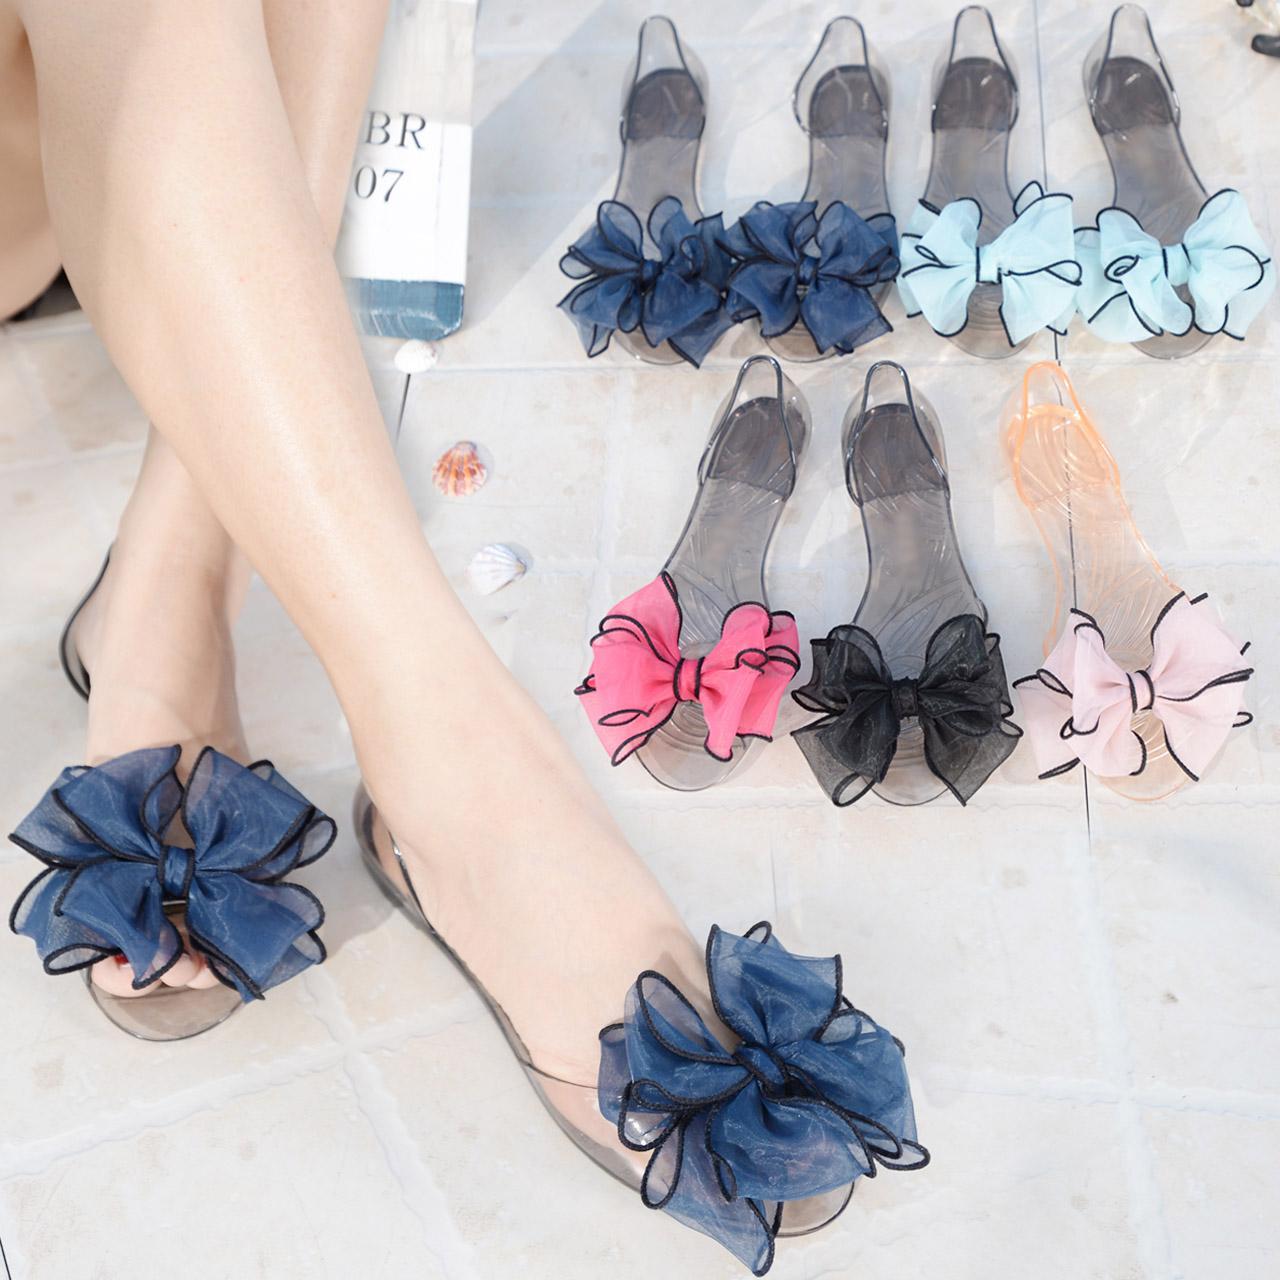 拖鞋女夏时尚百搭外穿平底沙滩鞋新款韩版防滑花朵一字凉拖鞋